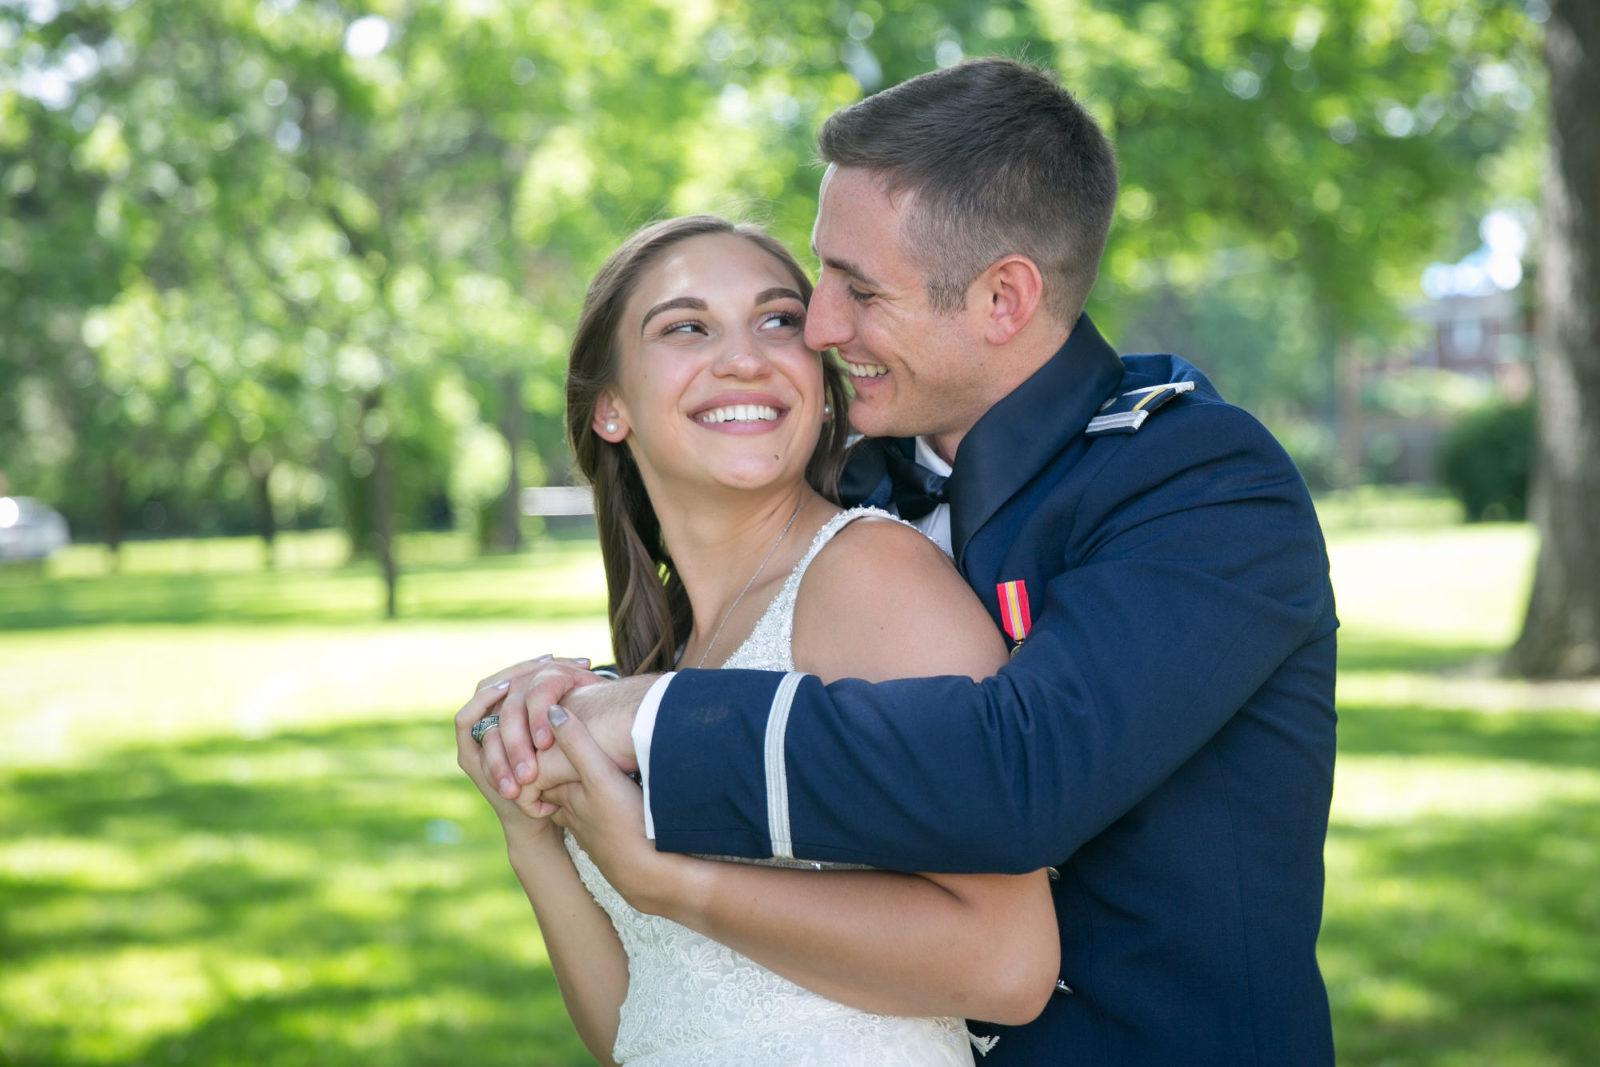 Toledo Wedding - Ohio Wedding - Michigan Wedding - Bride and Groom - Classic Wedding